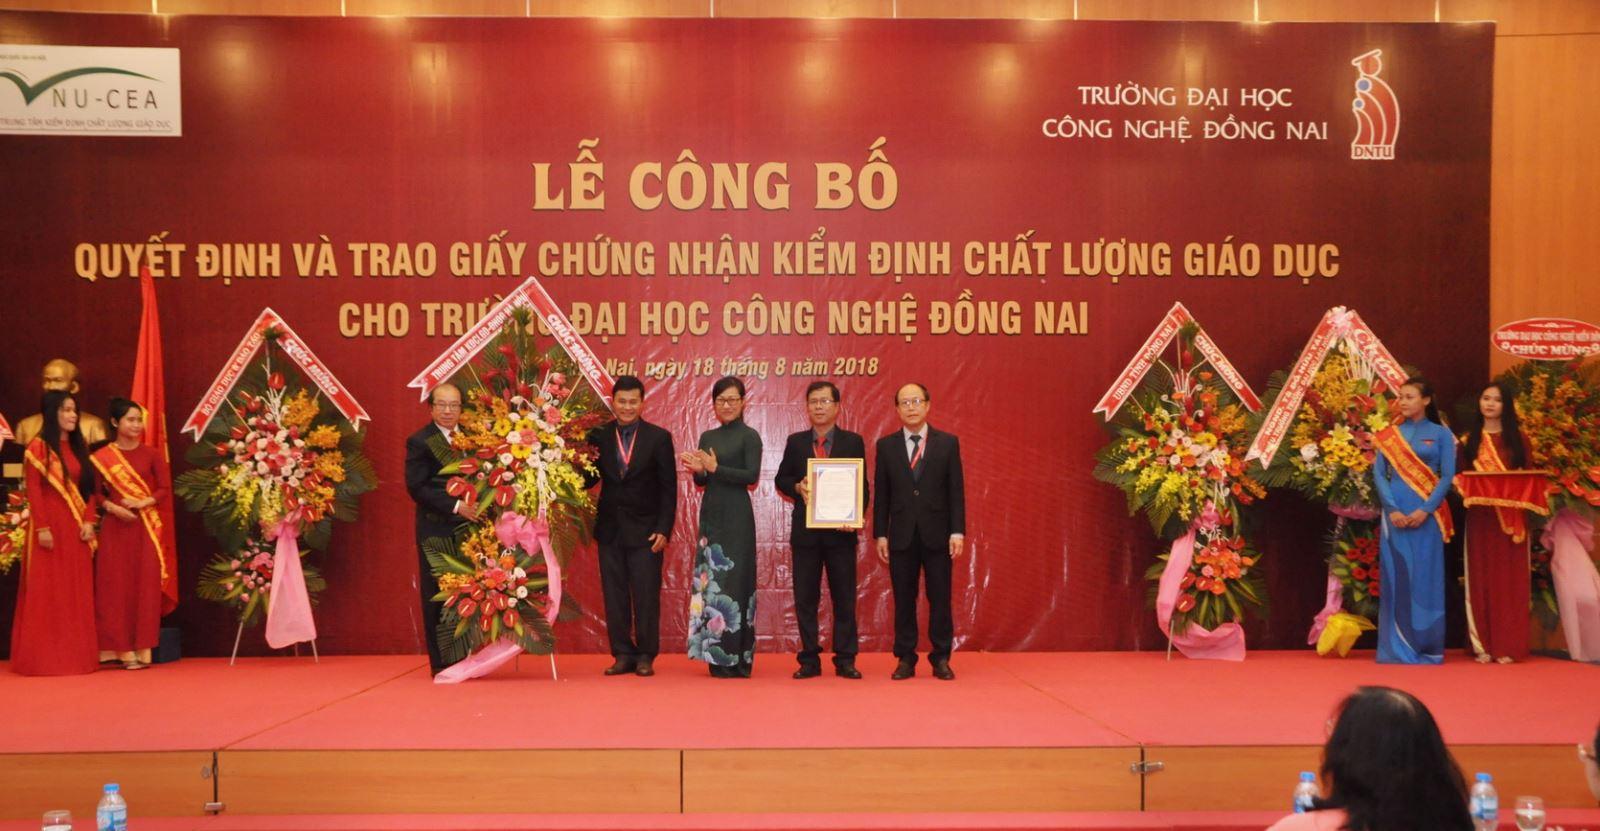 Trường Đại học Công Nghệ Đồng Nai công bố đạt chuẩn chất lượng giáo dục đạt tỷ lệ 83.6%